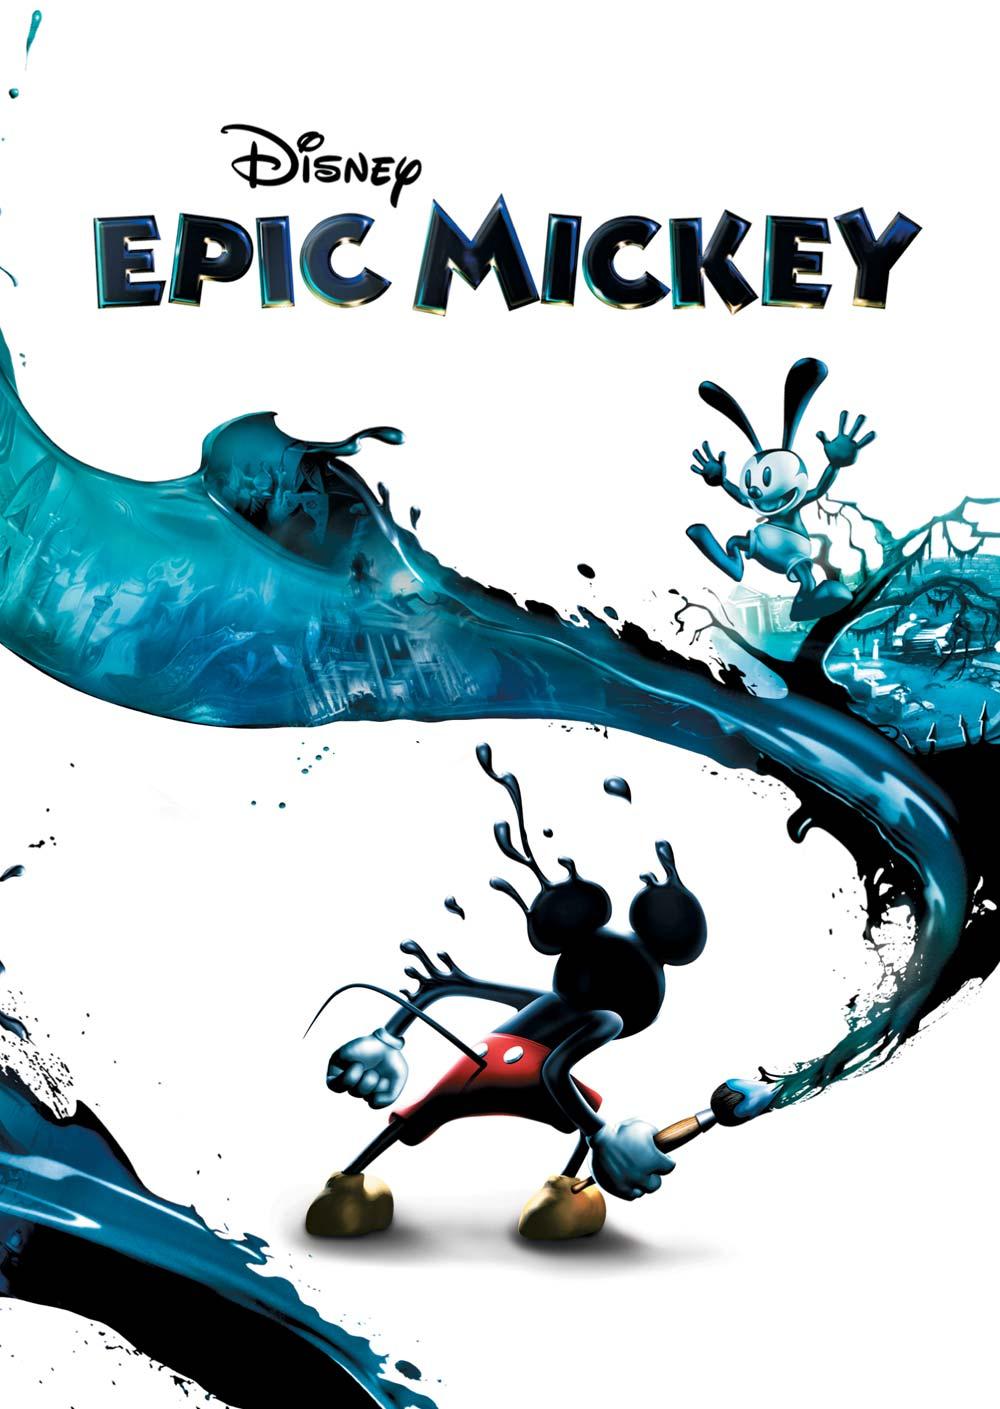 Disney Epic Mickey – Wii